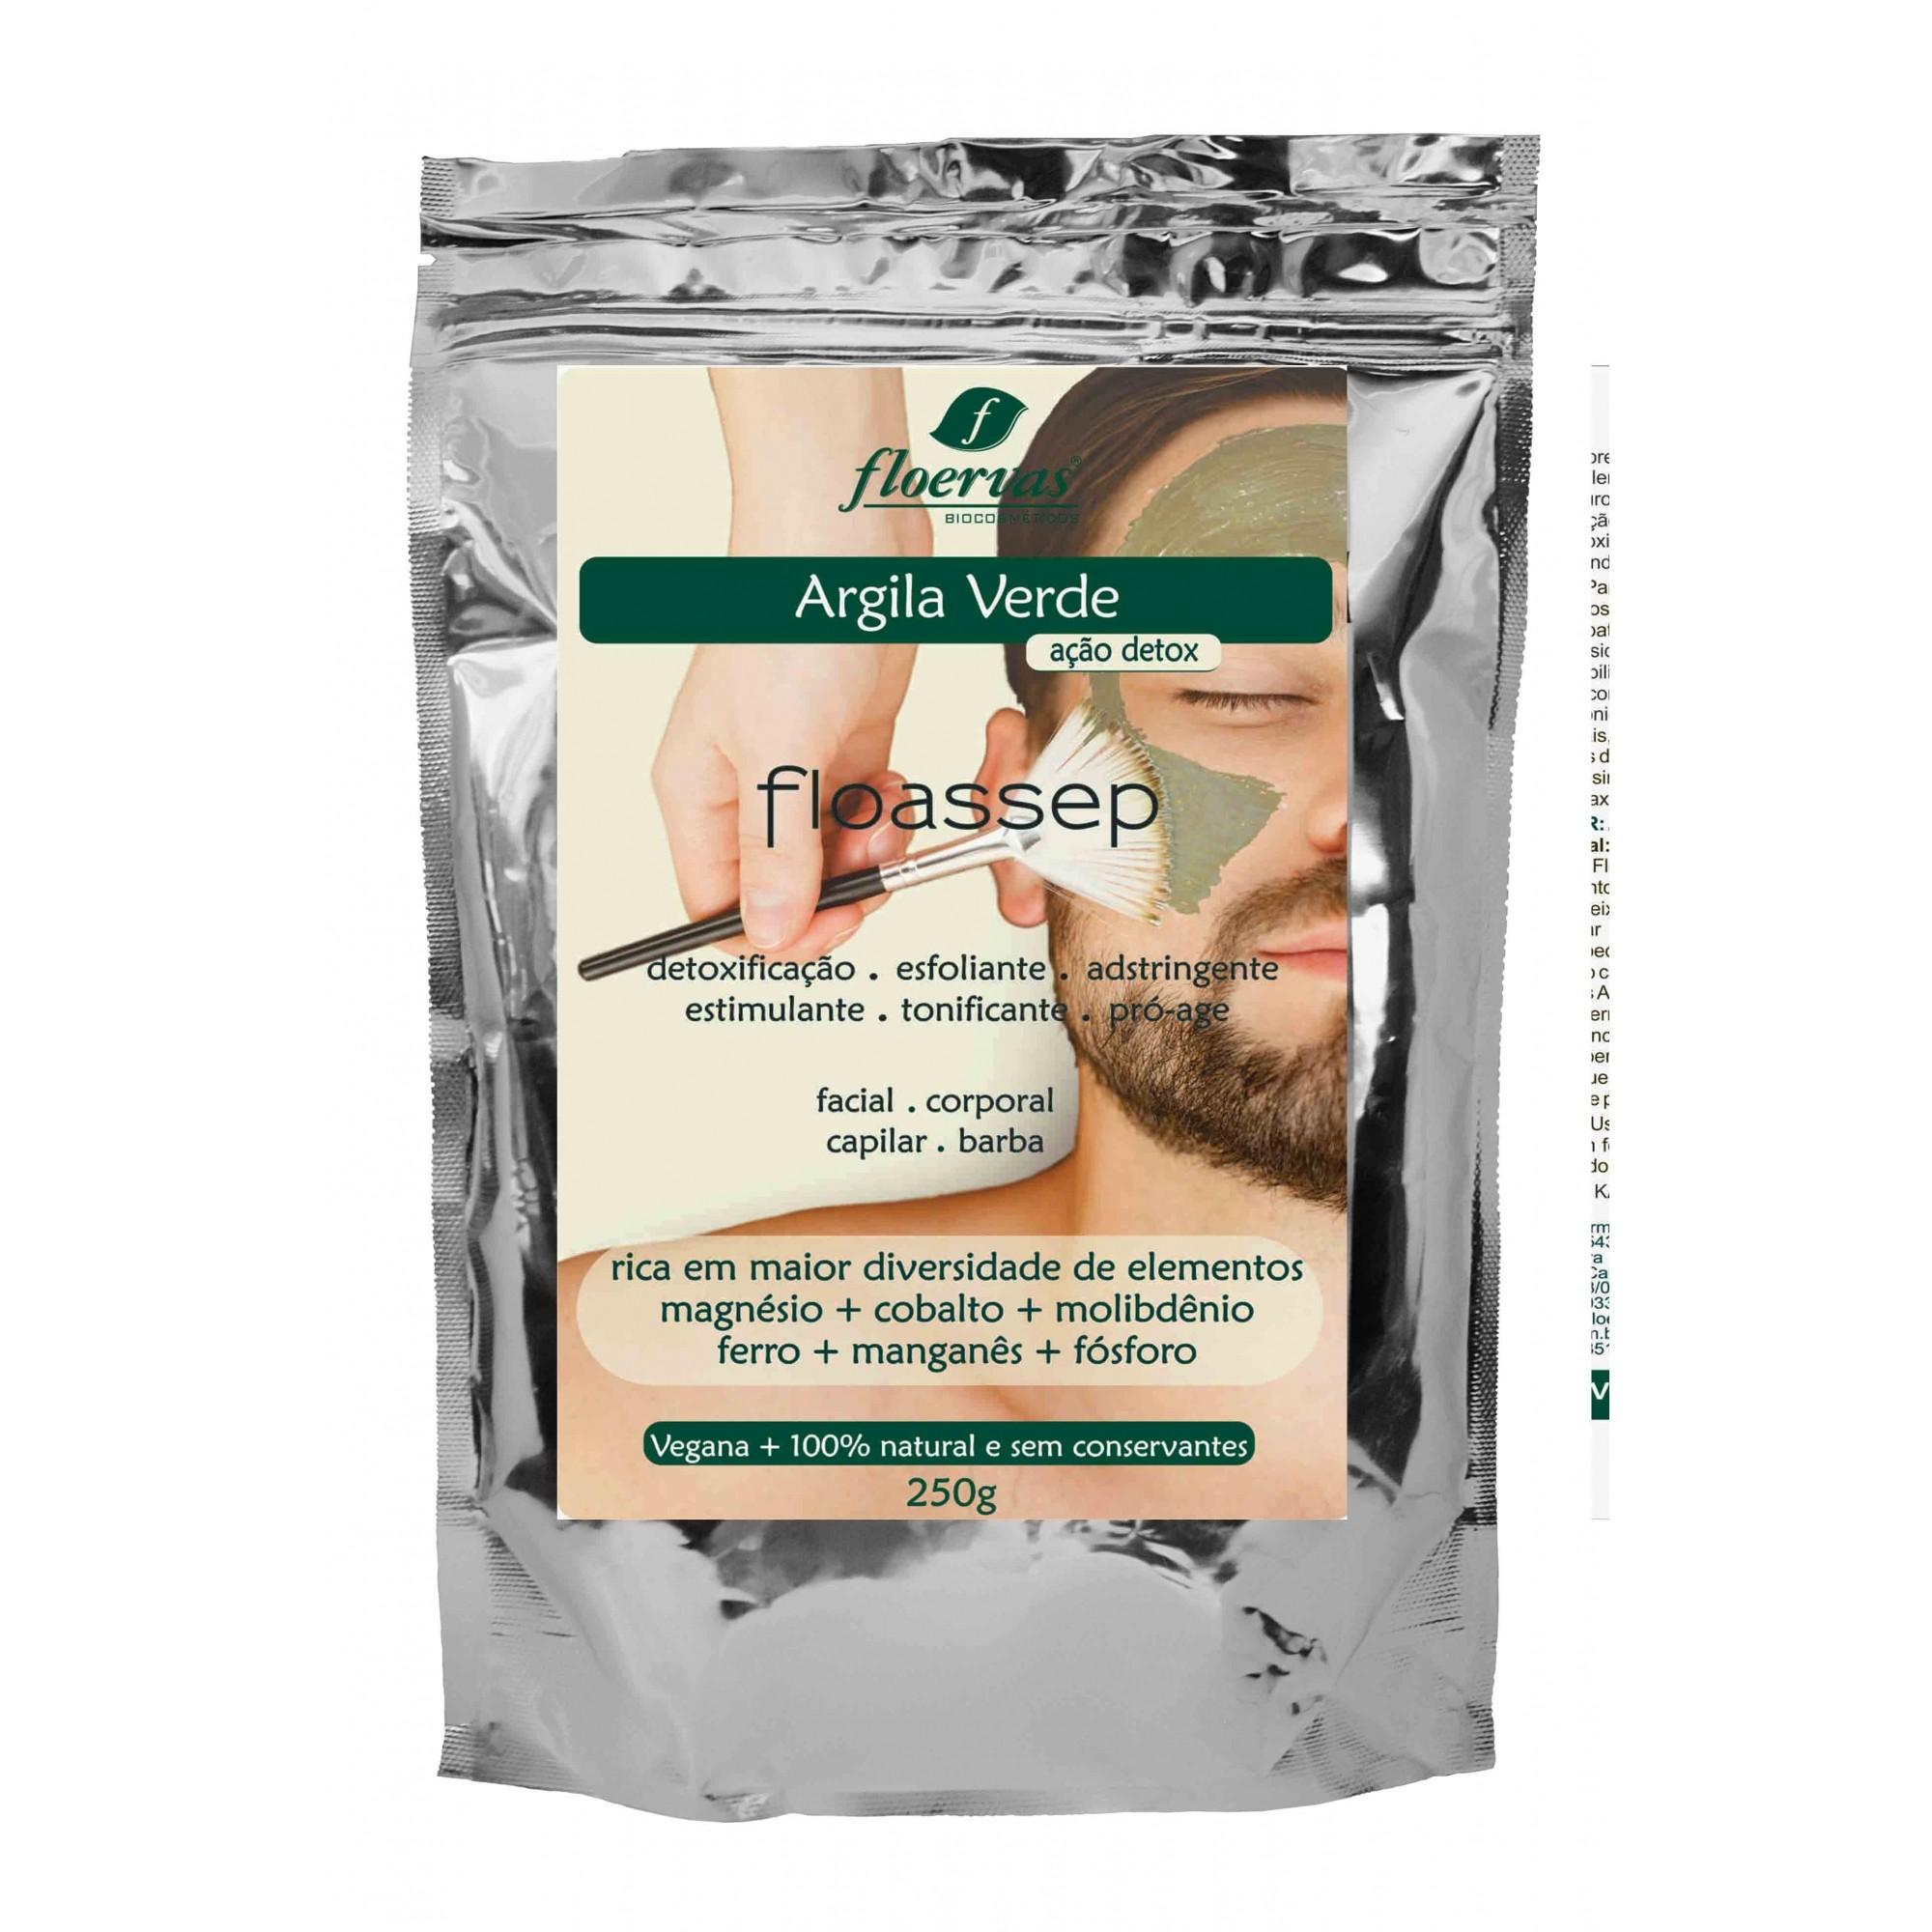 Cód. 636 - Argila Verde Vegana 100% natural (Ação Detox) - 250g